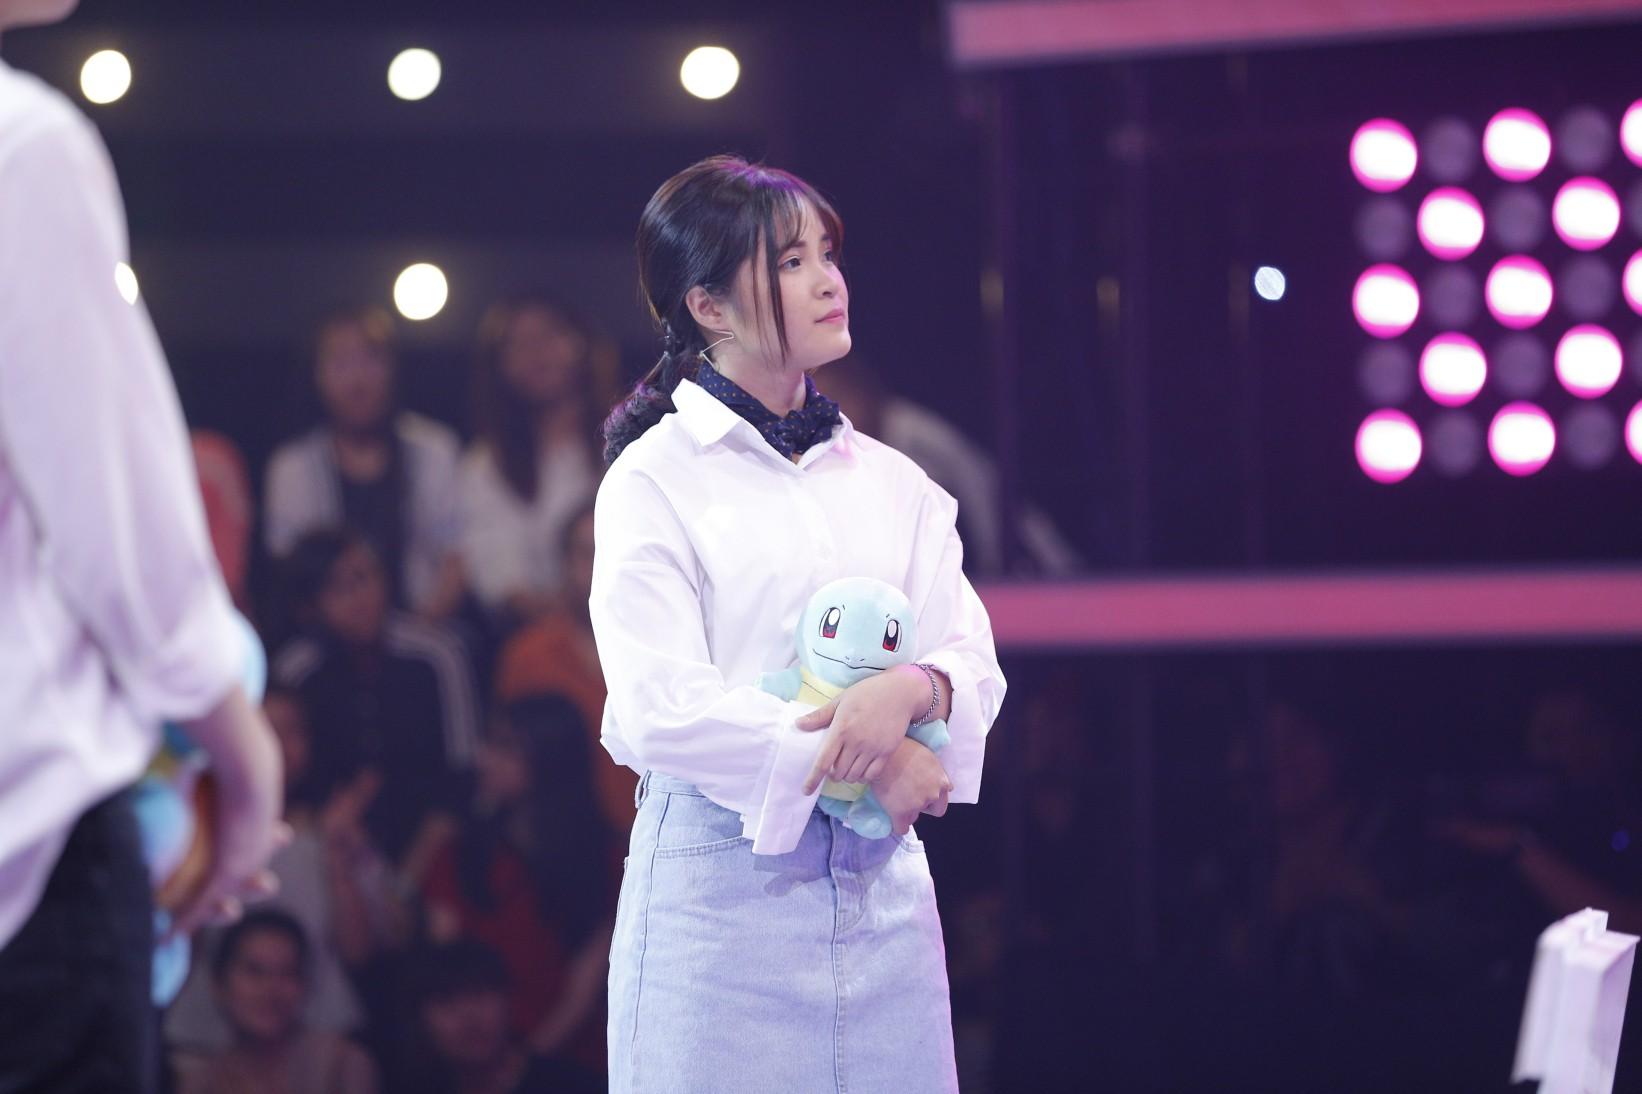 Vì yêu mà đến: Bay từ Hàn Quốc về tỏ tình, cô gái này và khán giả vẫn chưa được biết câu trả lời cuối cùng! - Ảnh 5.